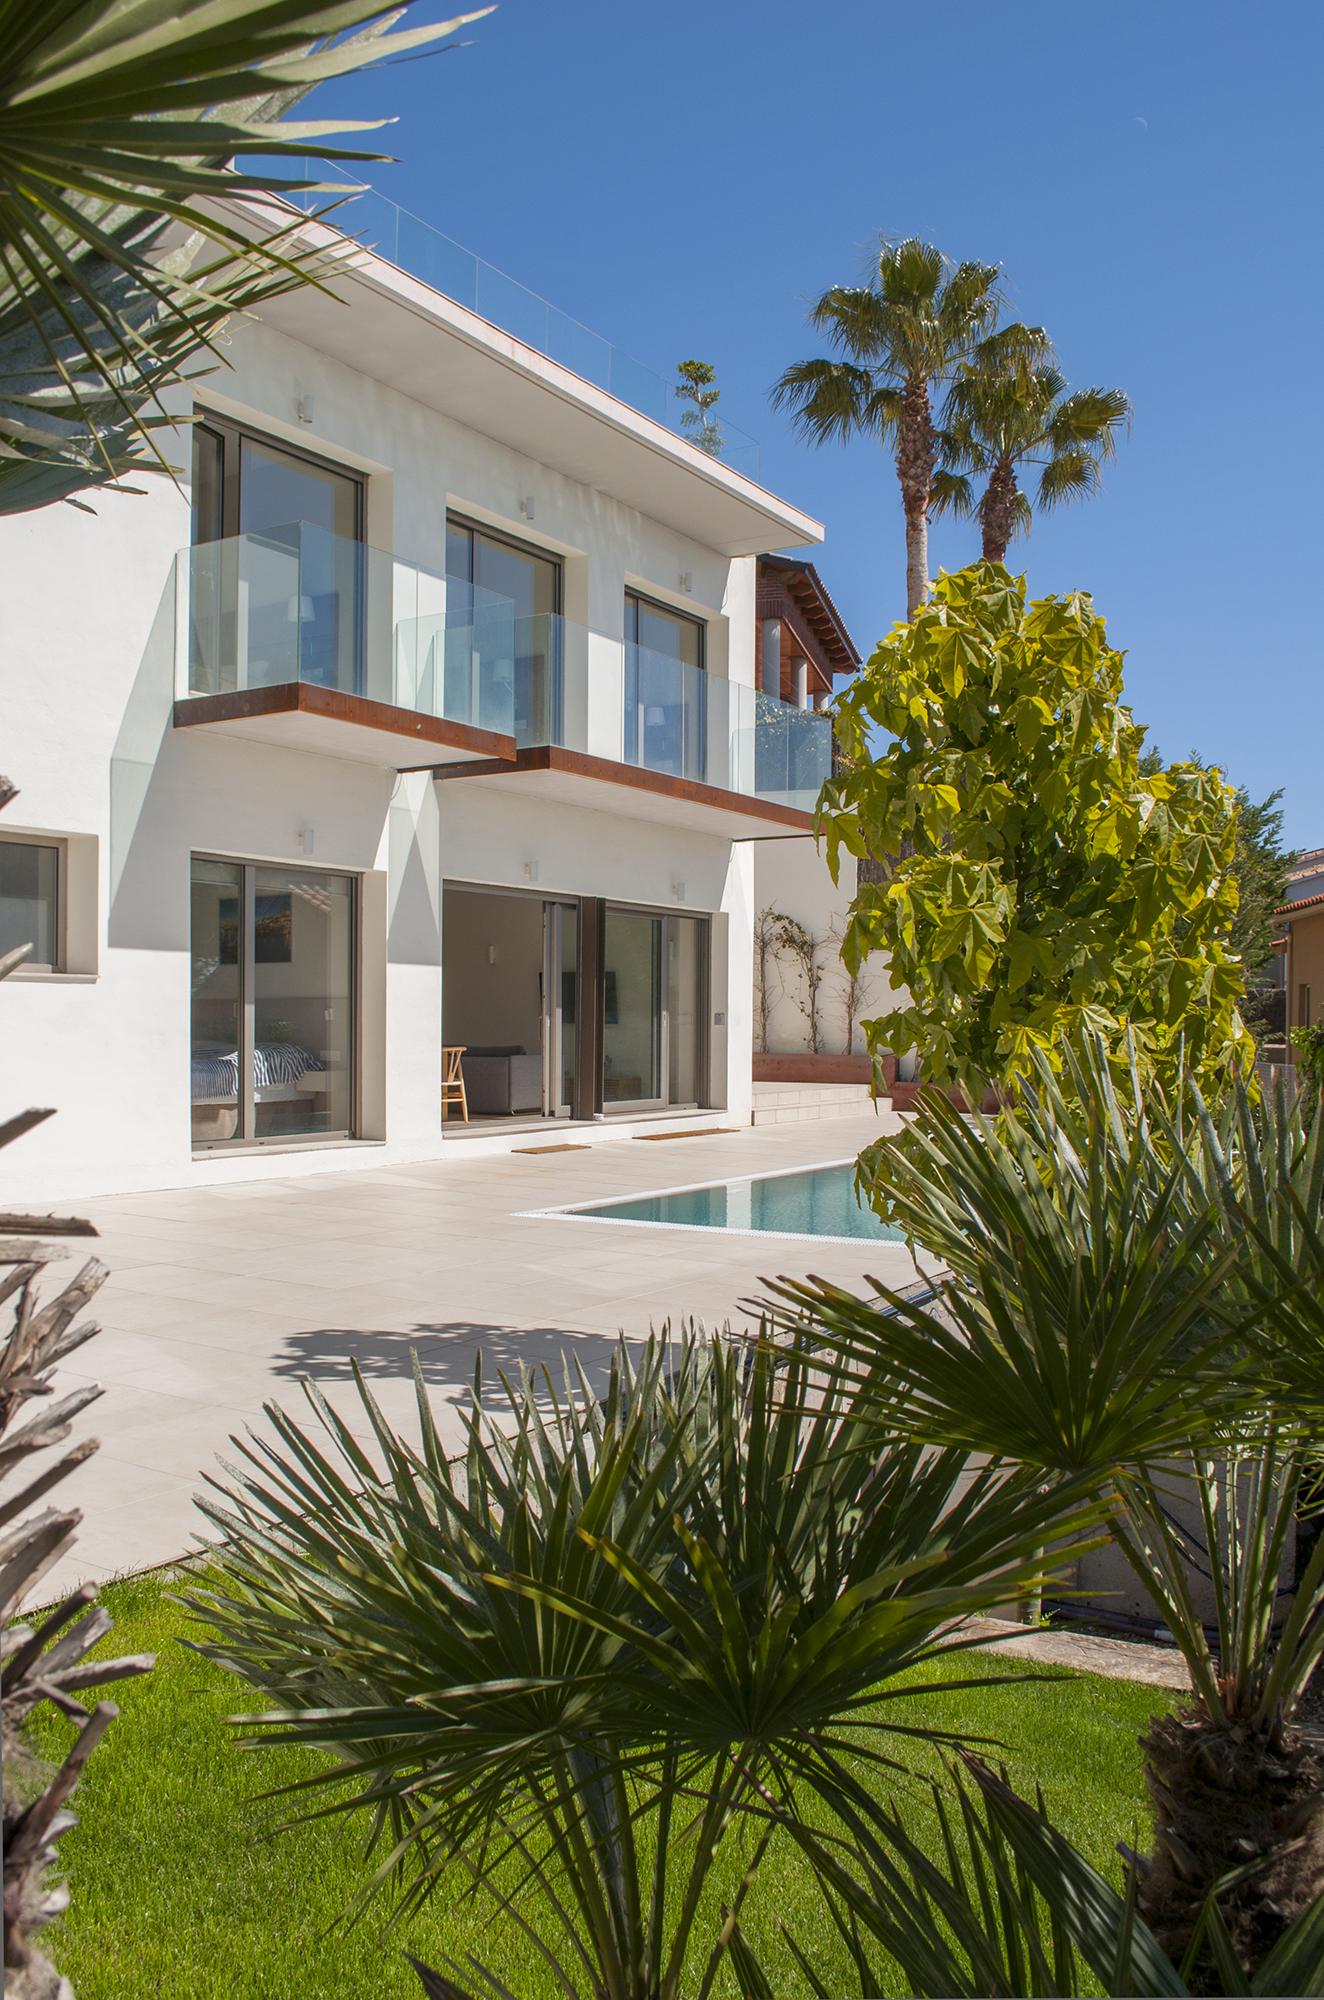 25-rardo-architects-casas-en-sitges-balcones-jardin-con-piscina-balcones